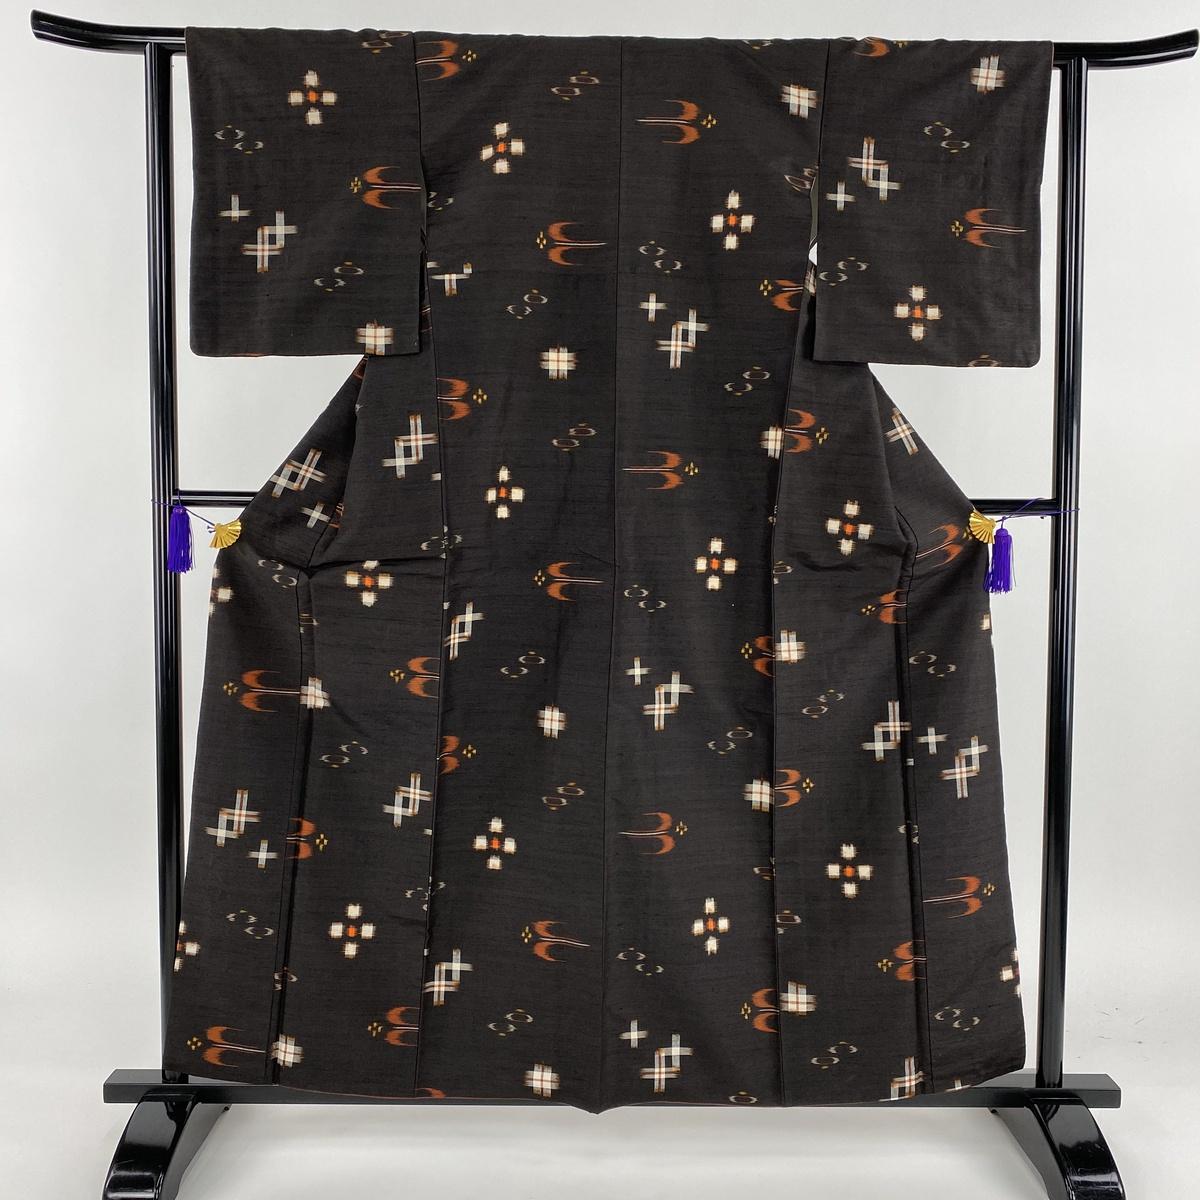 紬 美品 名品 燕 井桁絣 焦茶色 袷 身丈159.5cm 裄丈62cm S 正絹 【中古】